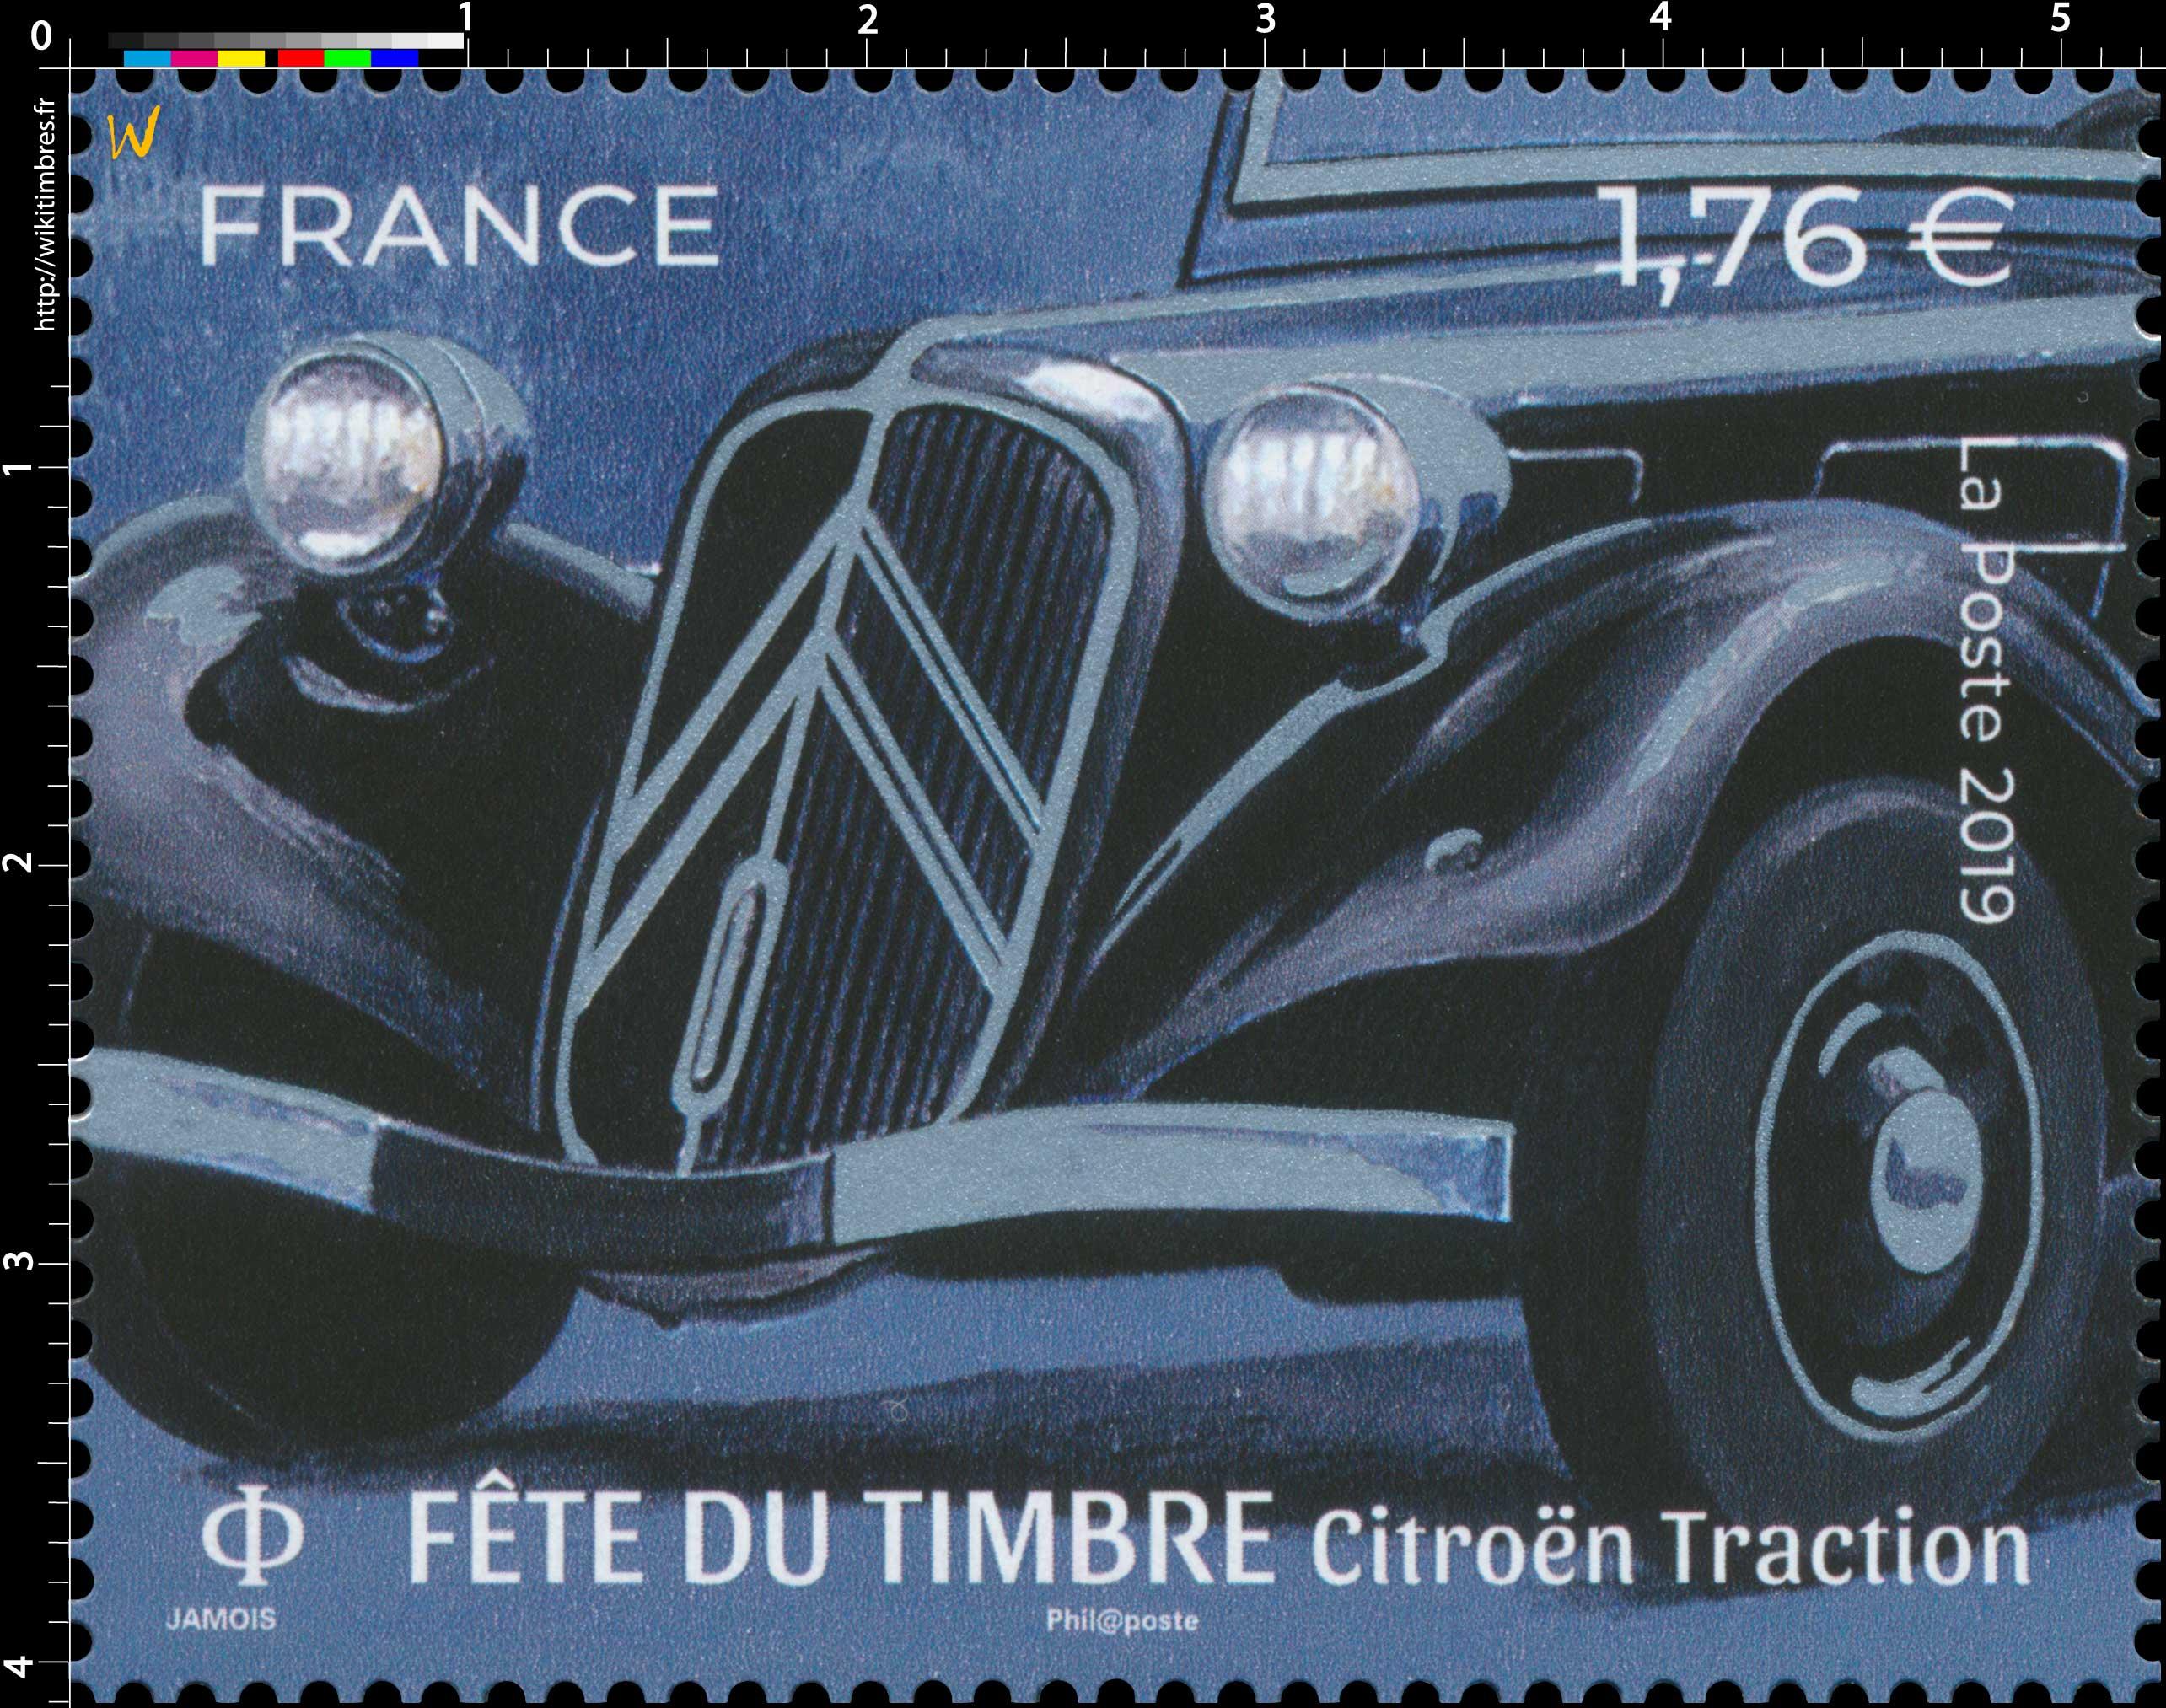 2019 Fête du Timbre 2019  Citroën Traction